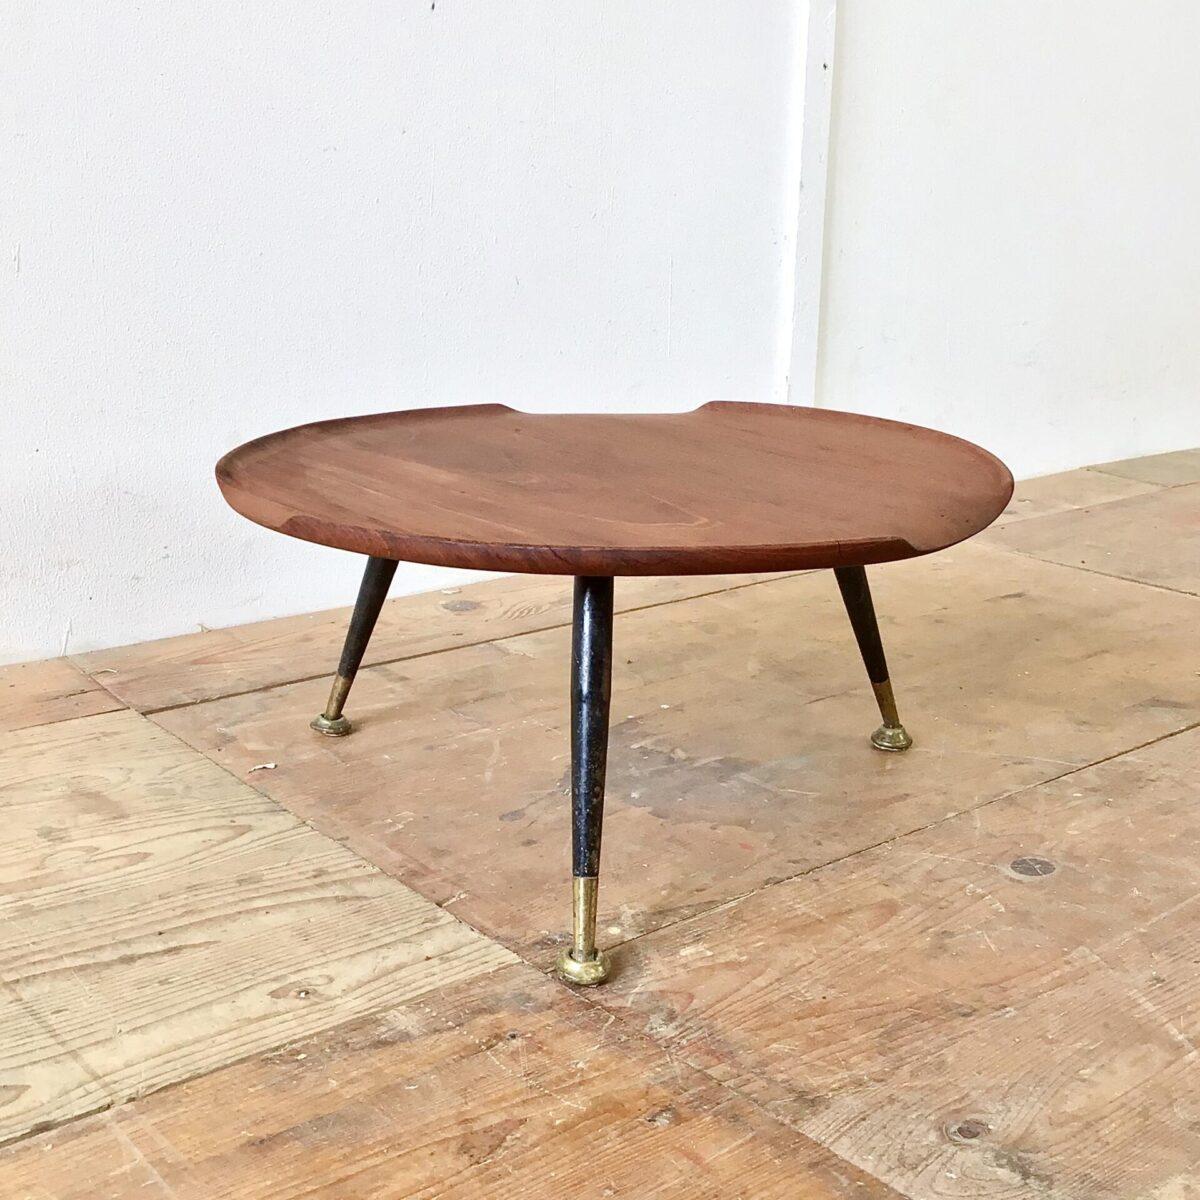 Kleiner midcentury Blumentisch Durchmesser 50cm Höhe 24.5cm. Dieser Salontisch aus Teakholz ist relativ niedrig. Er eignet sich als Blumentisch, für den Pausentee am Boden mit Sitzsack, oder als Etagere auf dem Tisch.